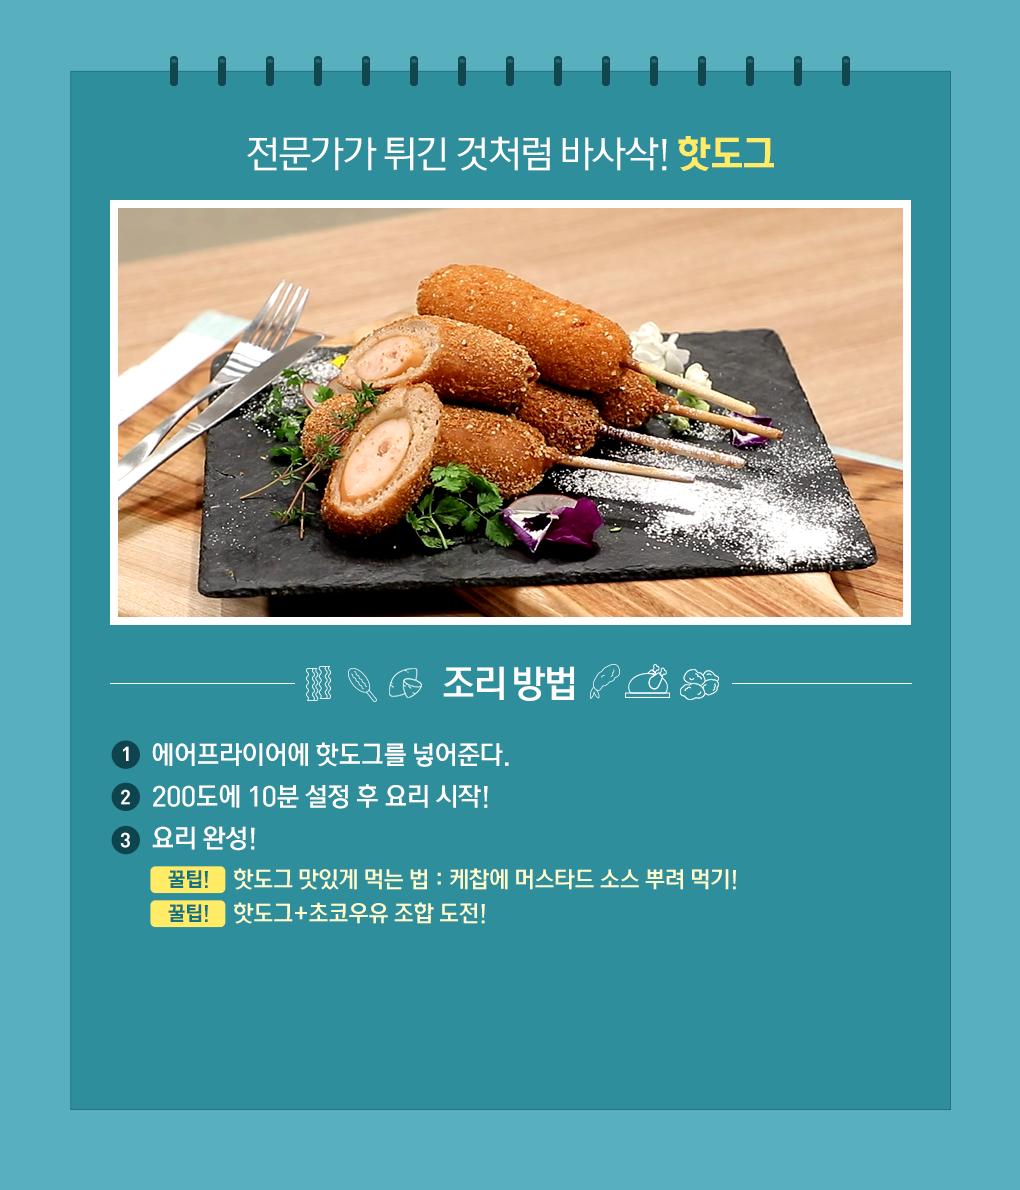 레시피+ 핫도그